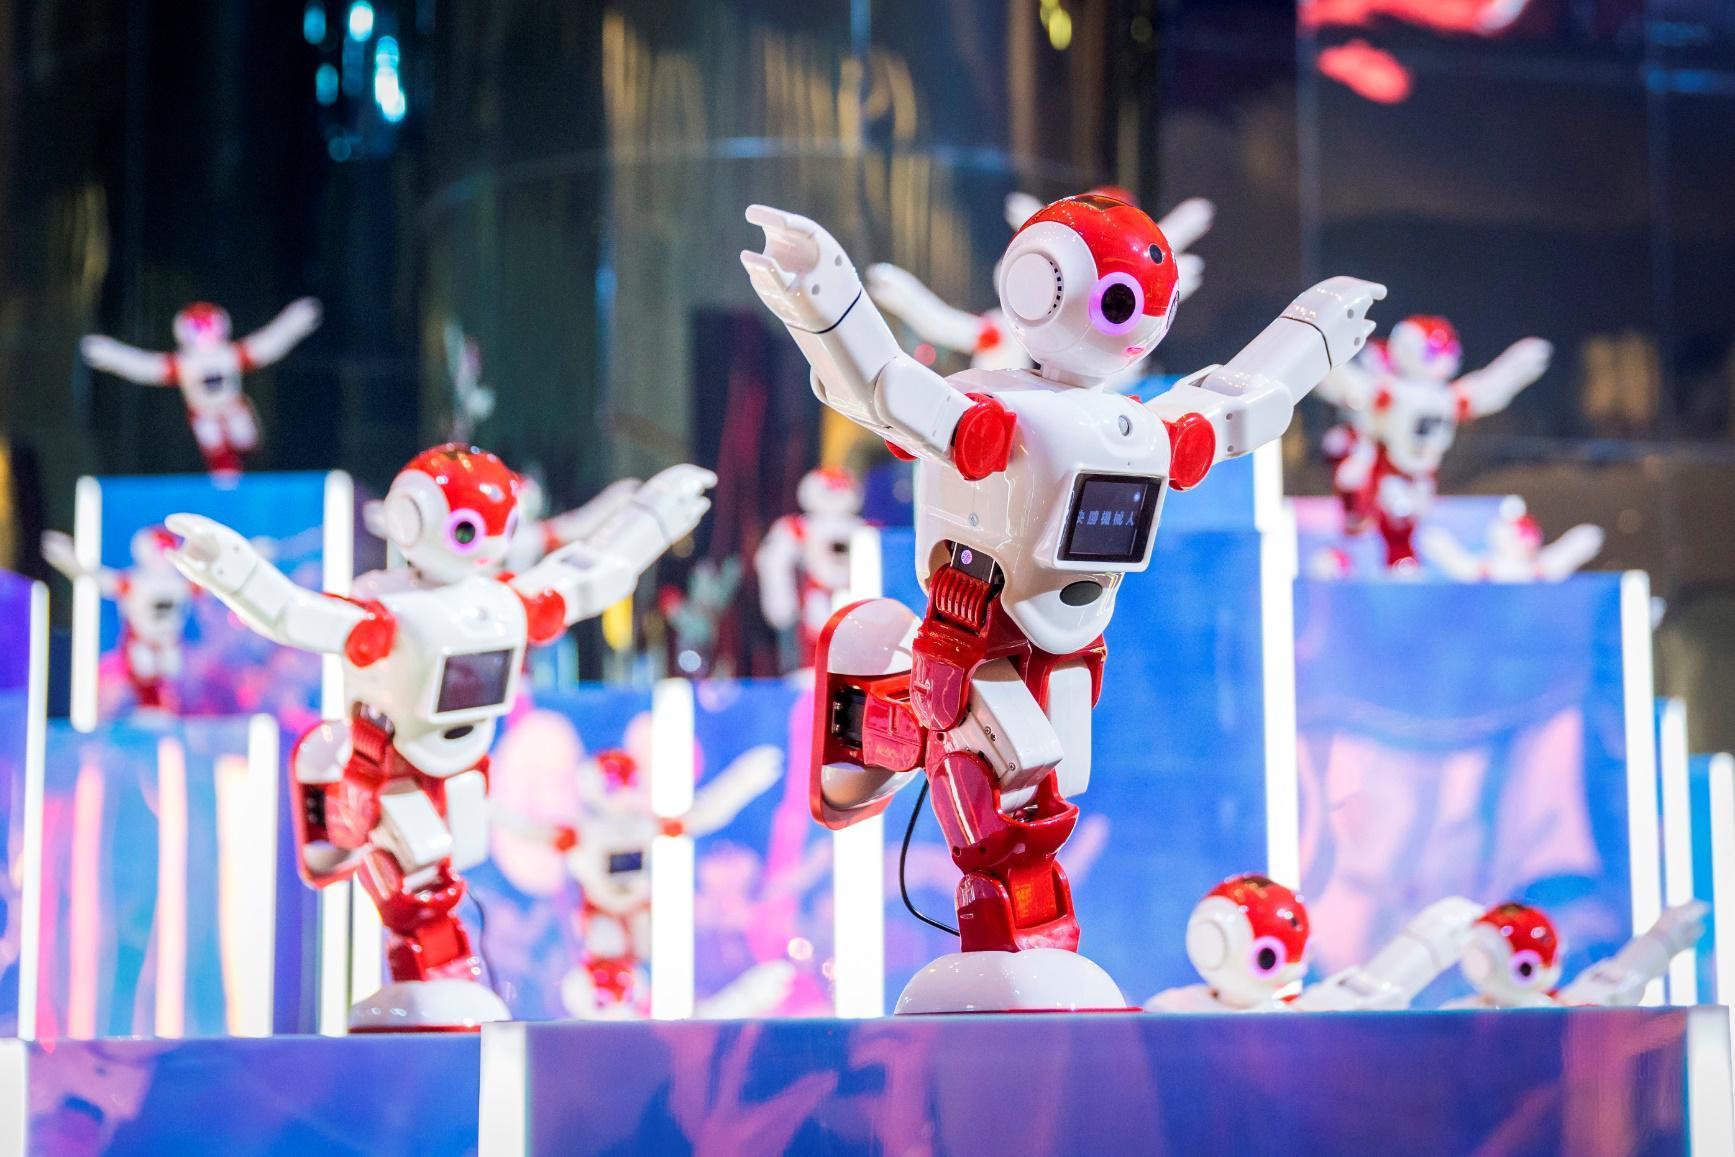 新濠天地隆重呈献「决胜机器人」大型装置展-焦点中国网